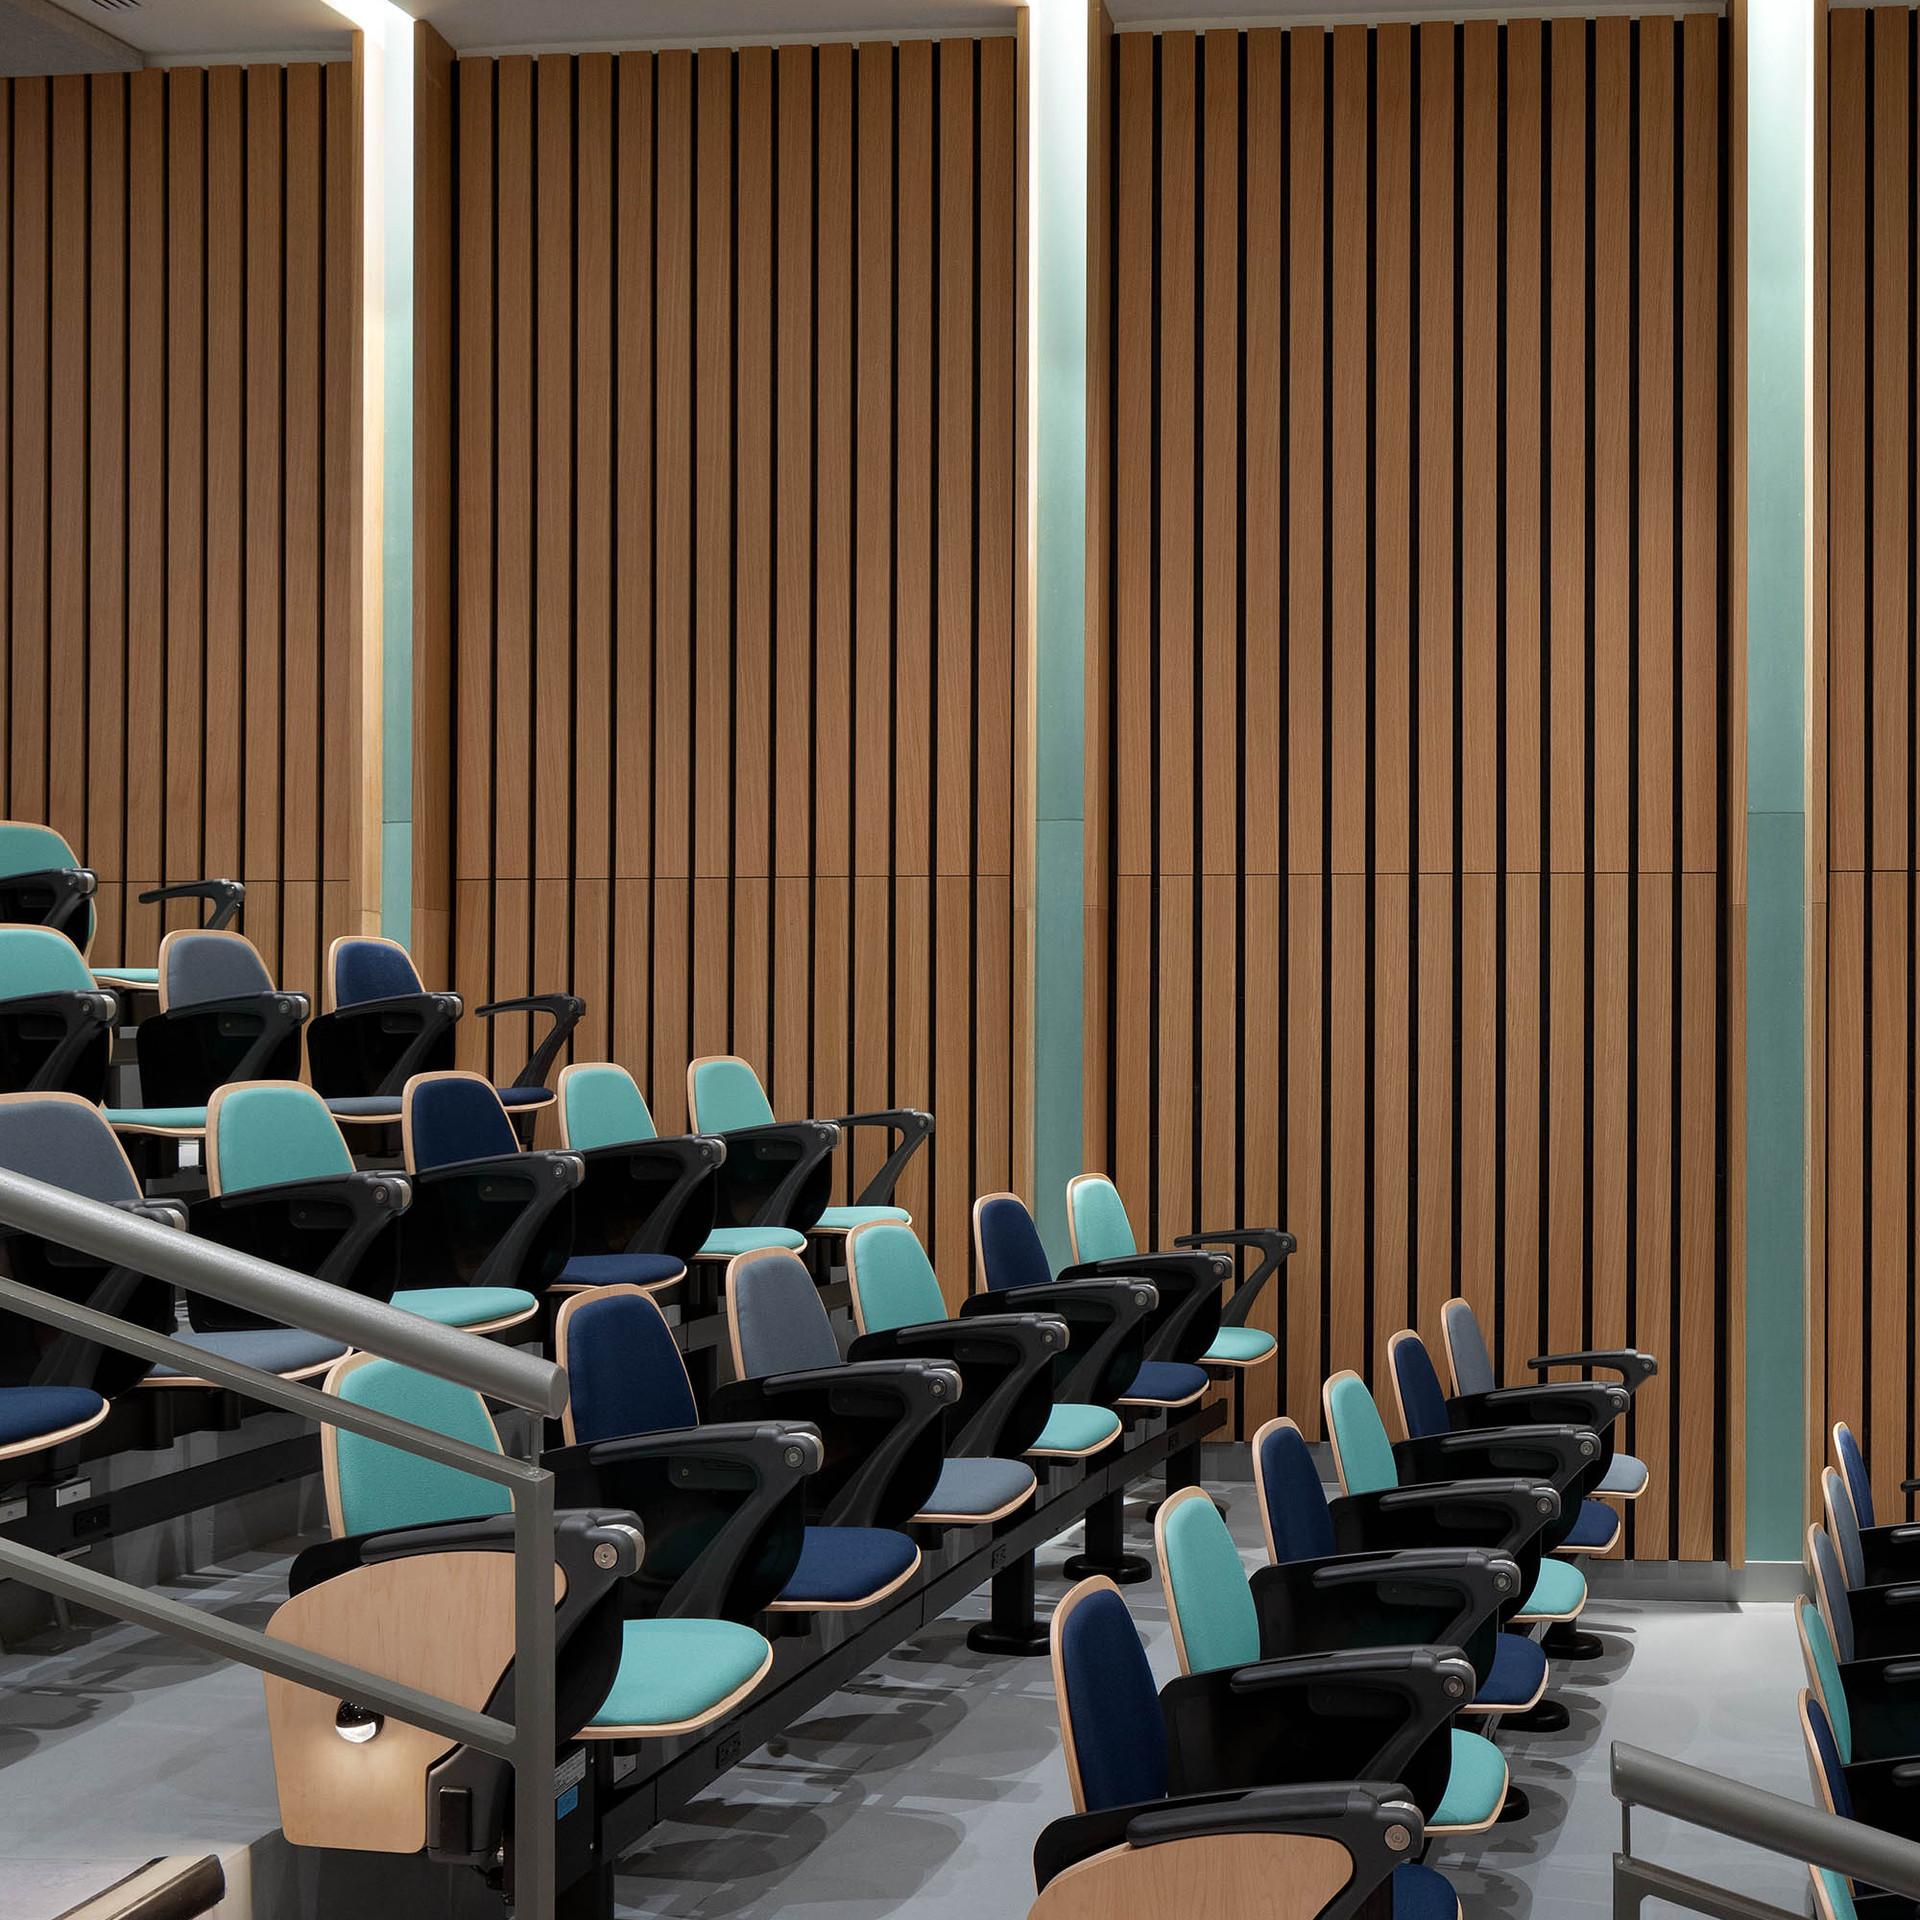 UBC Theatre 2.jpg